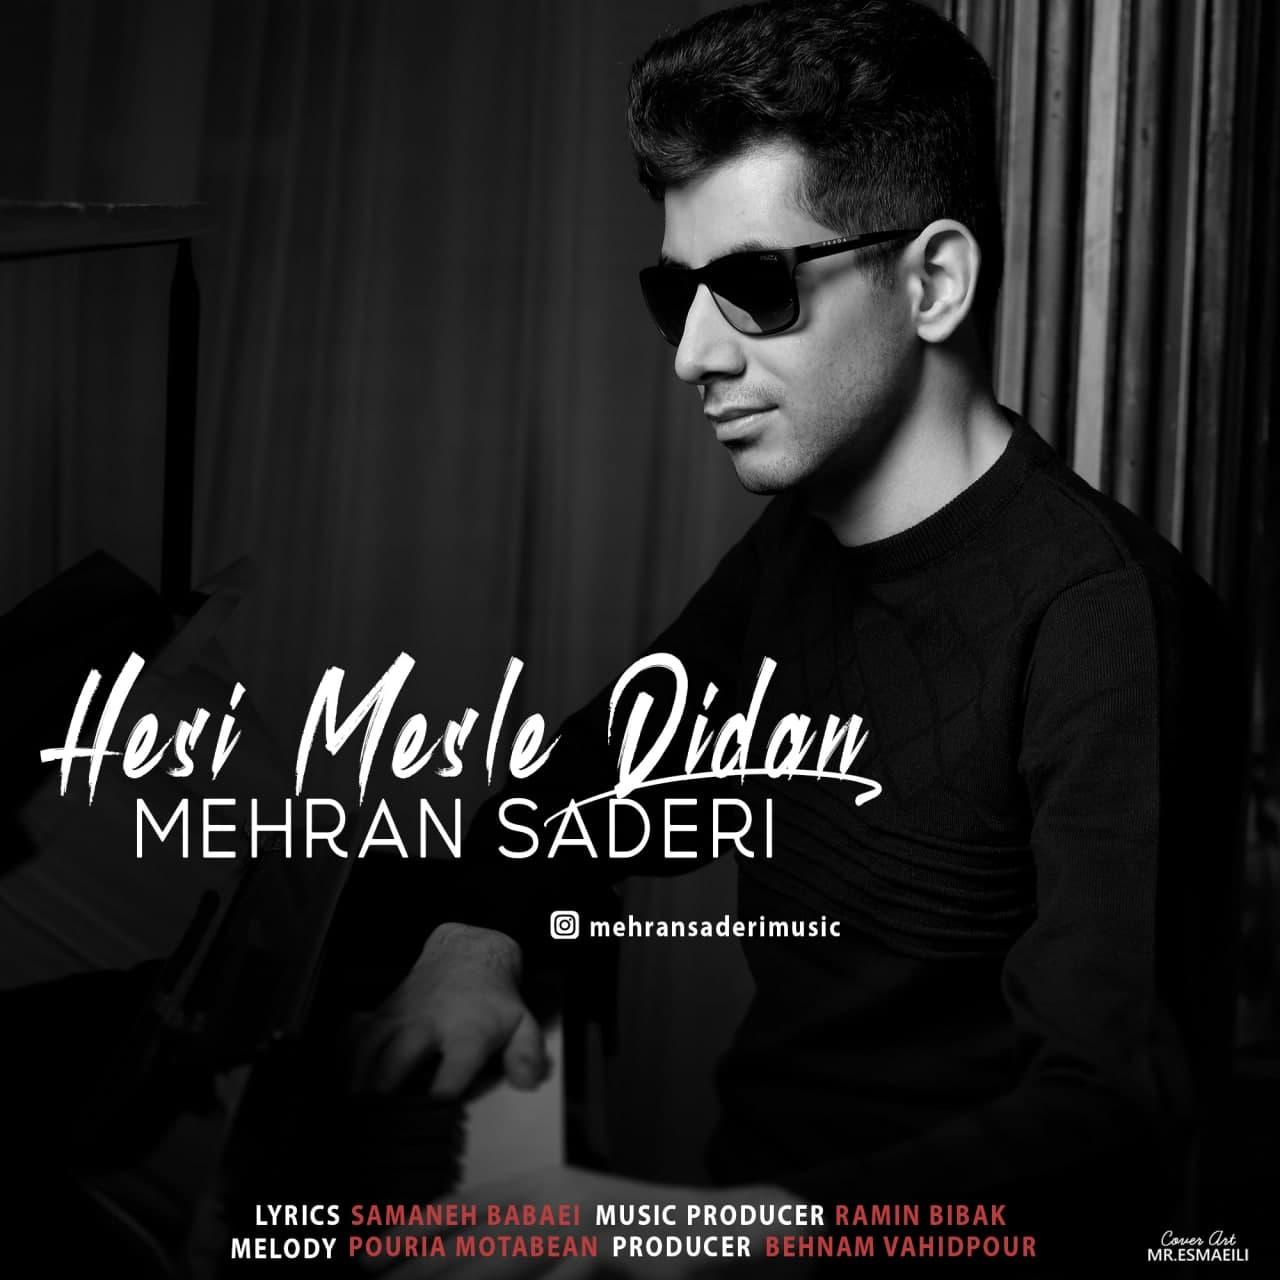 Mehran Saderi – Hesi Mesle Didan